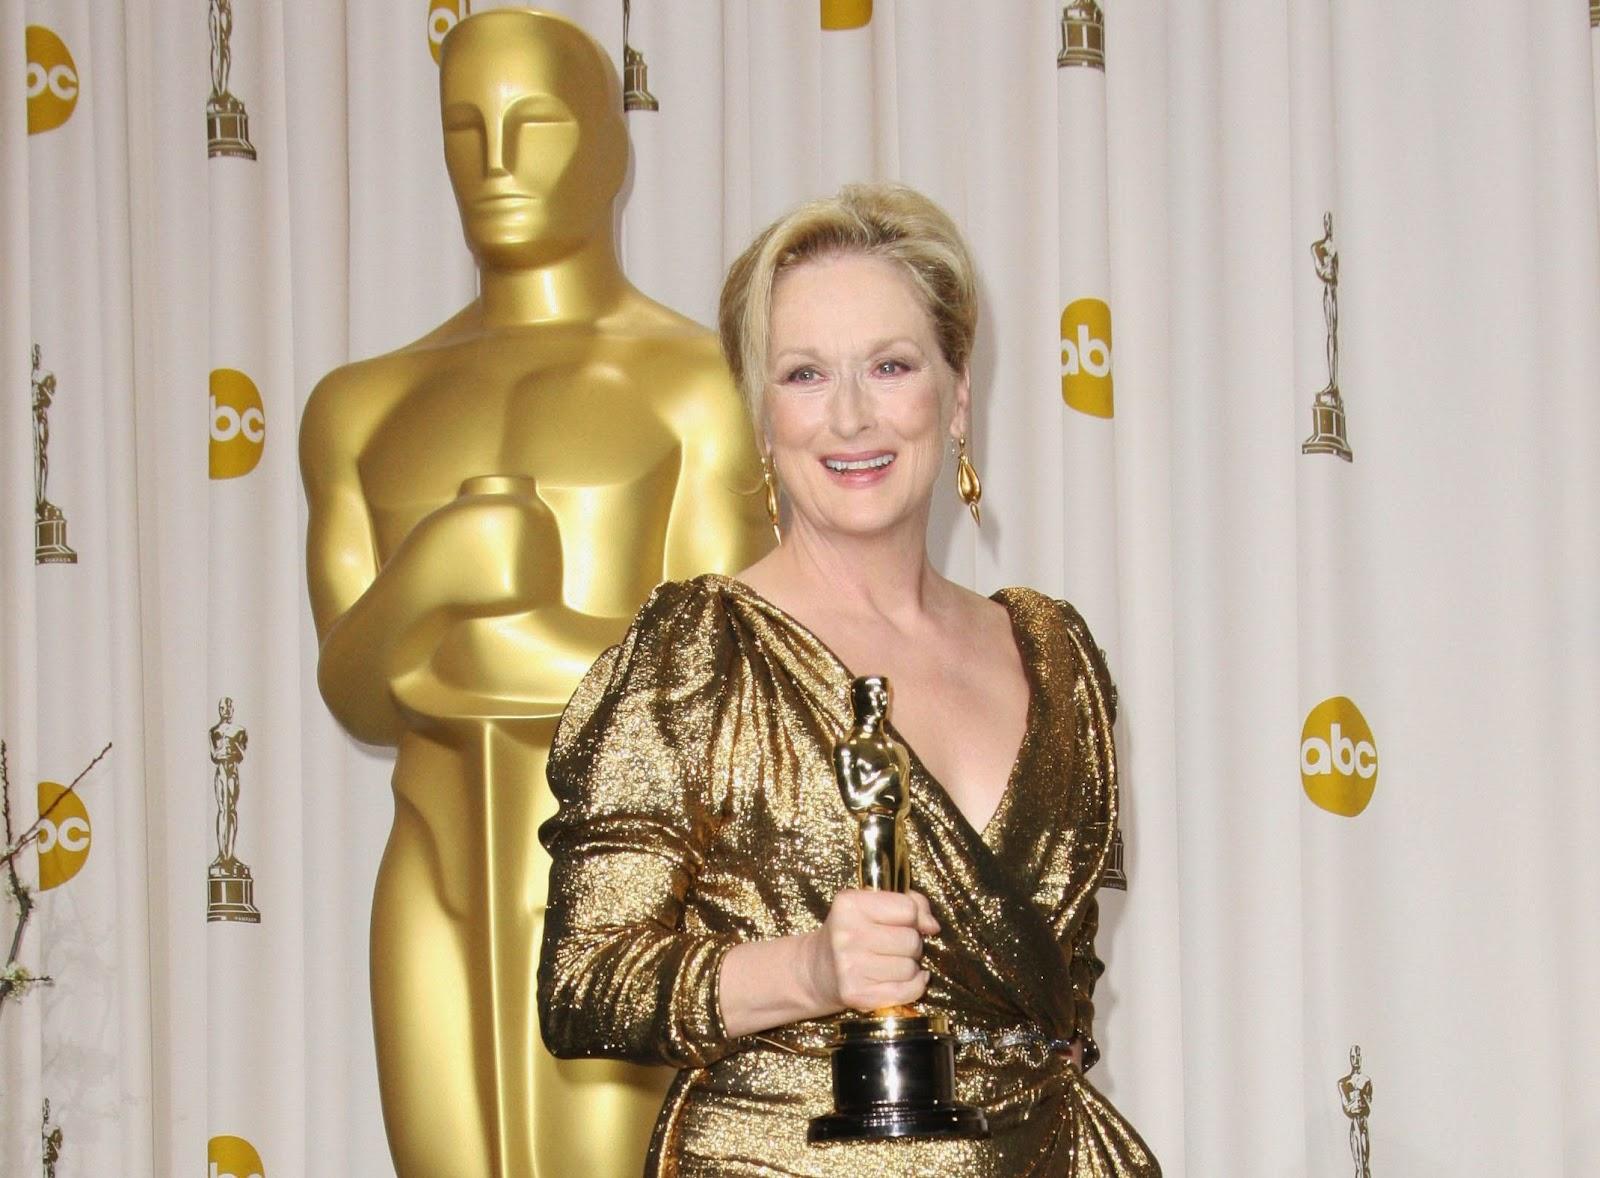 http://3.bp.blogspot.com/-QwoGCB5t_f0/T0vqh06ESJI/AAAAAAAAAmE/aez2JU1c_34/s1600/Meryl-Streep-260212.jpg